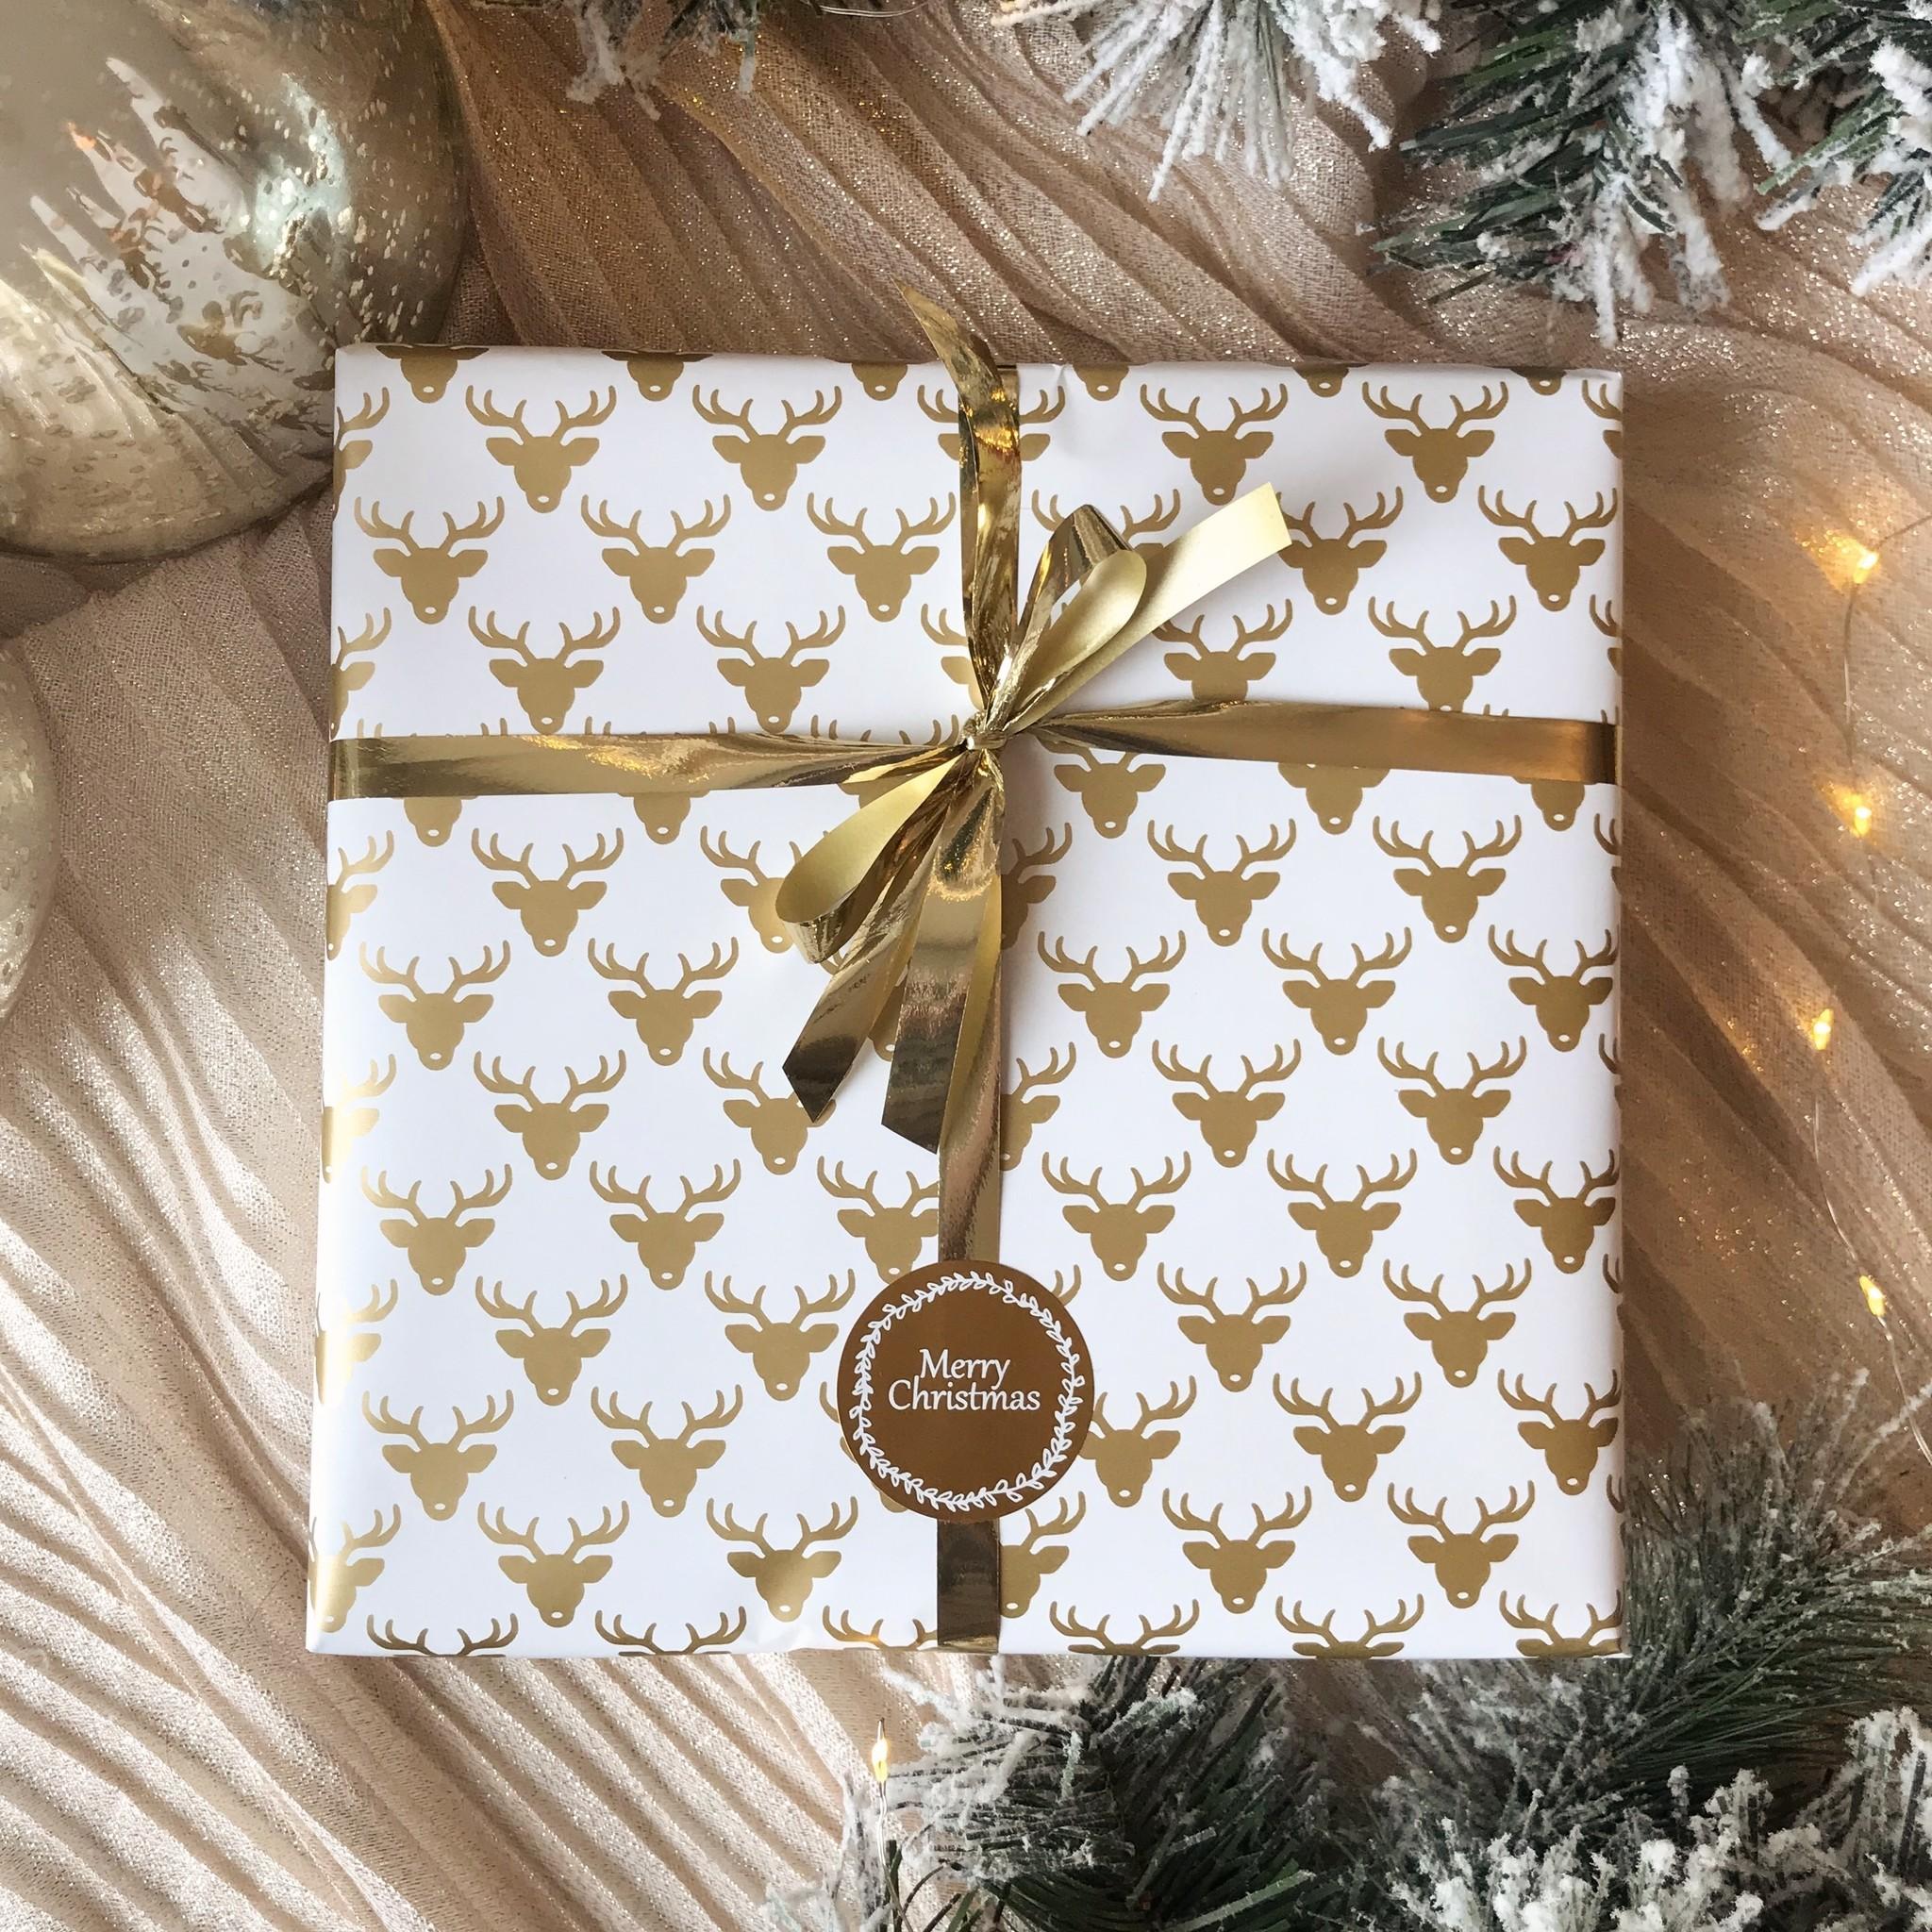 Kerst Cadeaupapier - Deer White (Opgelet, door drukte neemt inpakken een dag langer in beslag.)